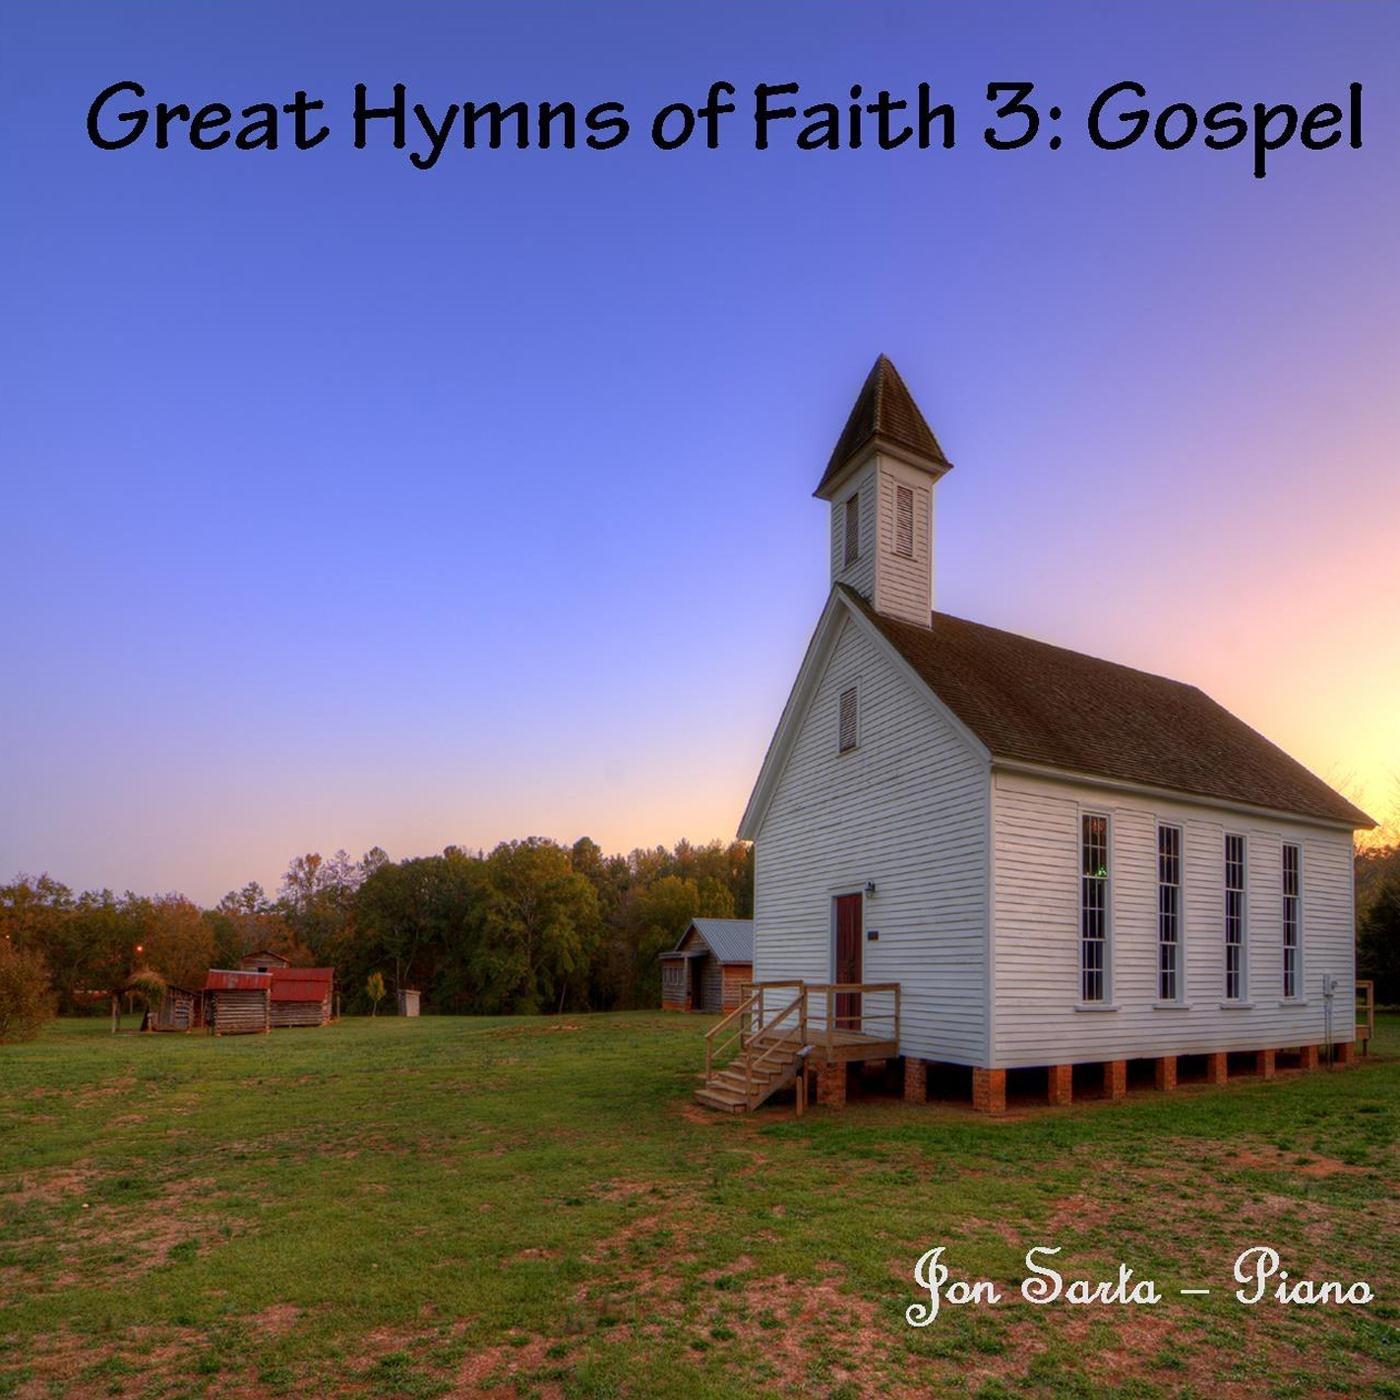 Great Hymns of Faith 3: Gospel